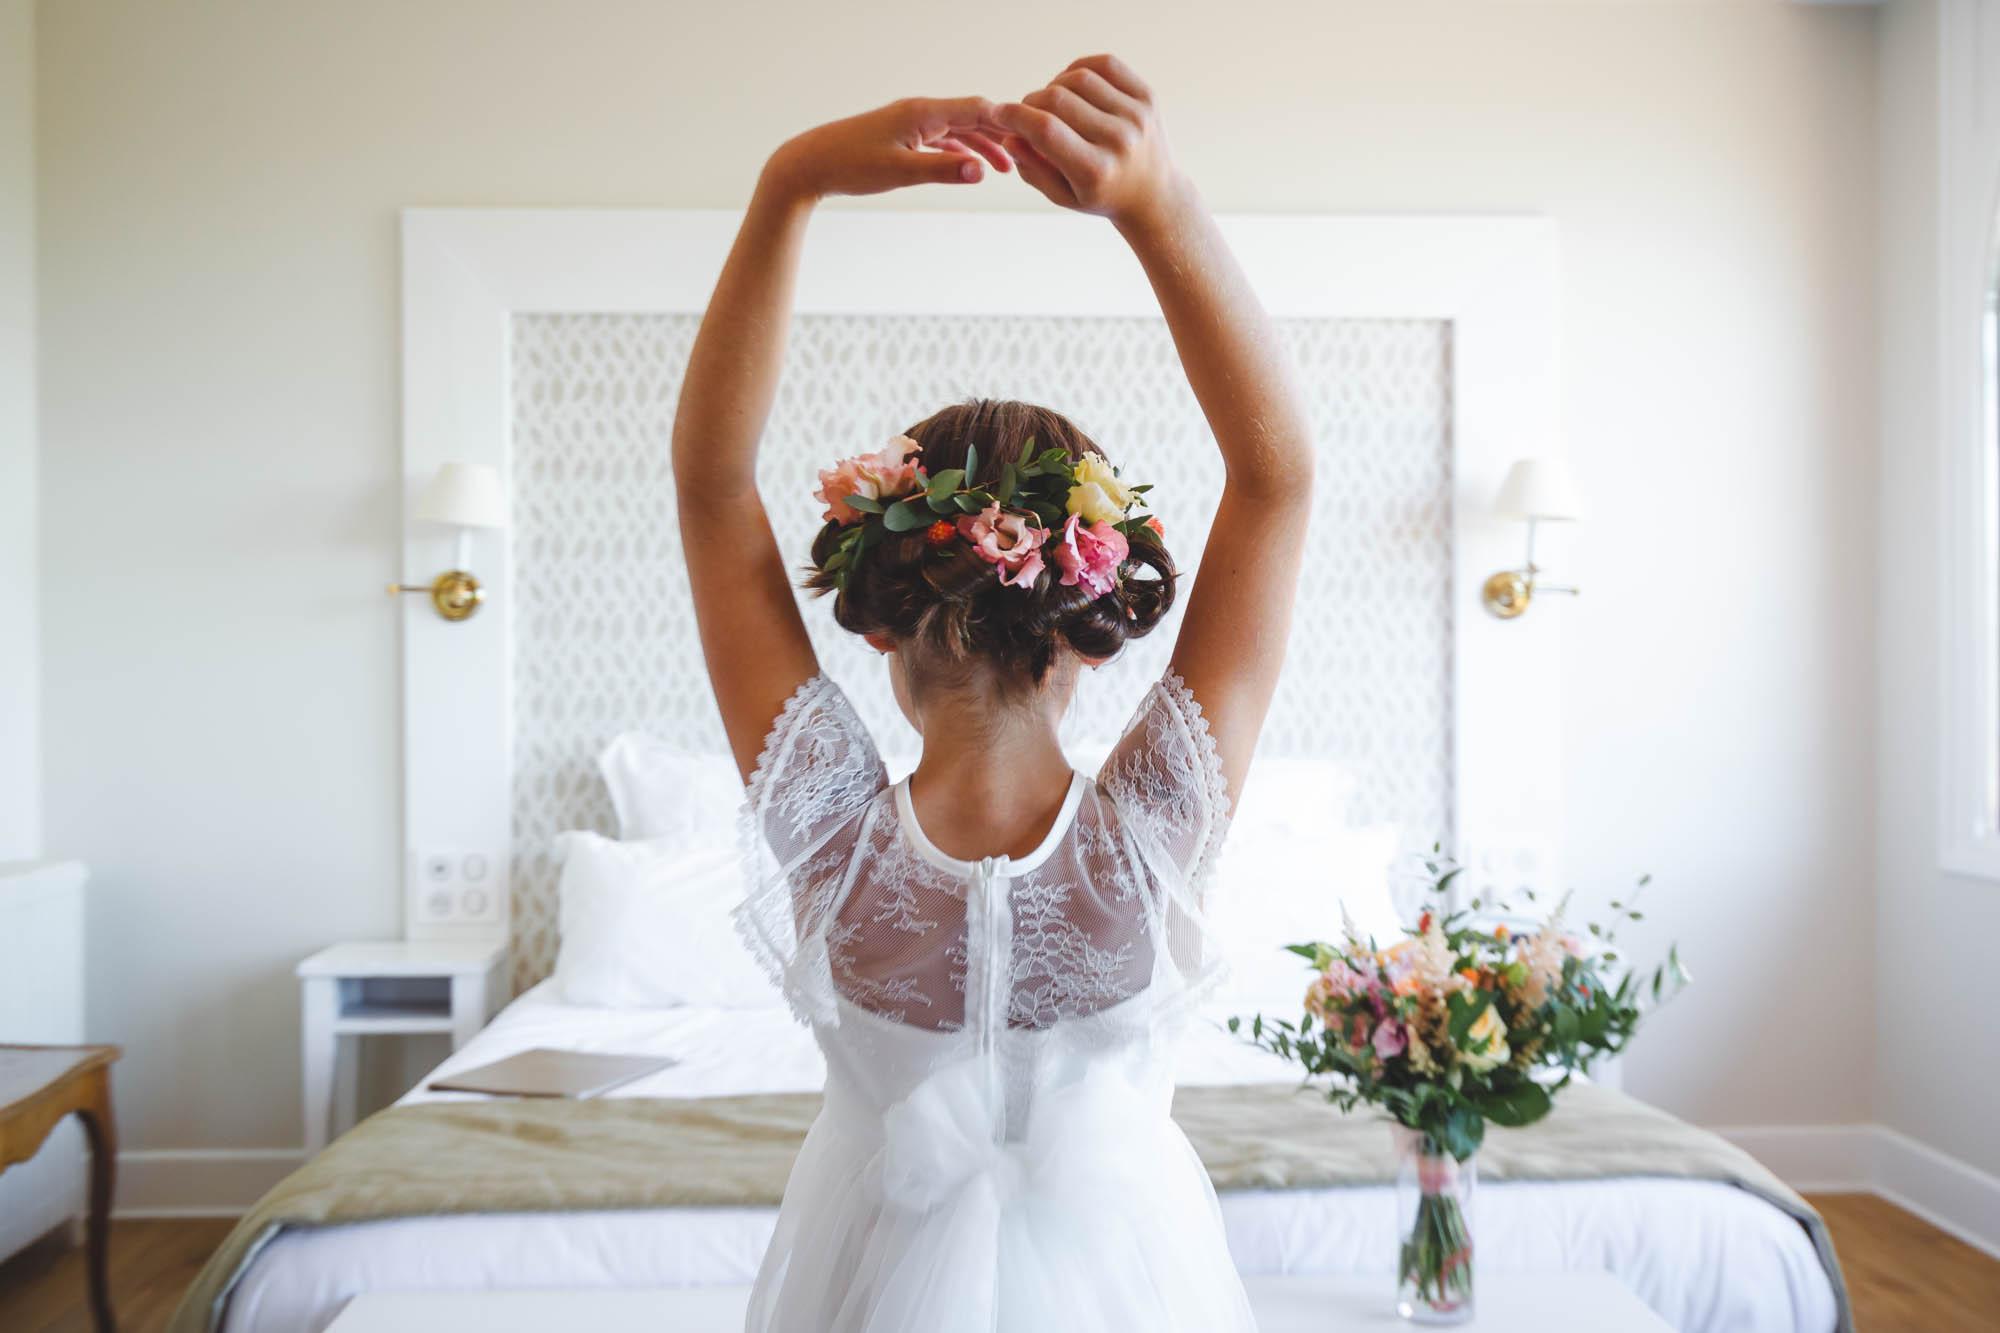 Mariage à l'Hotel de Saint-Jean de Luz Le Chantaco, Pays basque, Côte basque